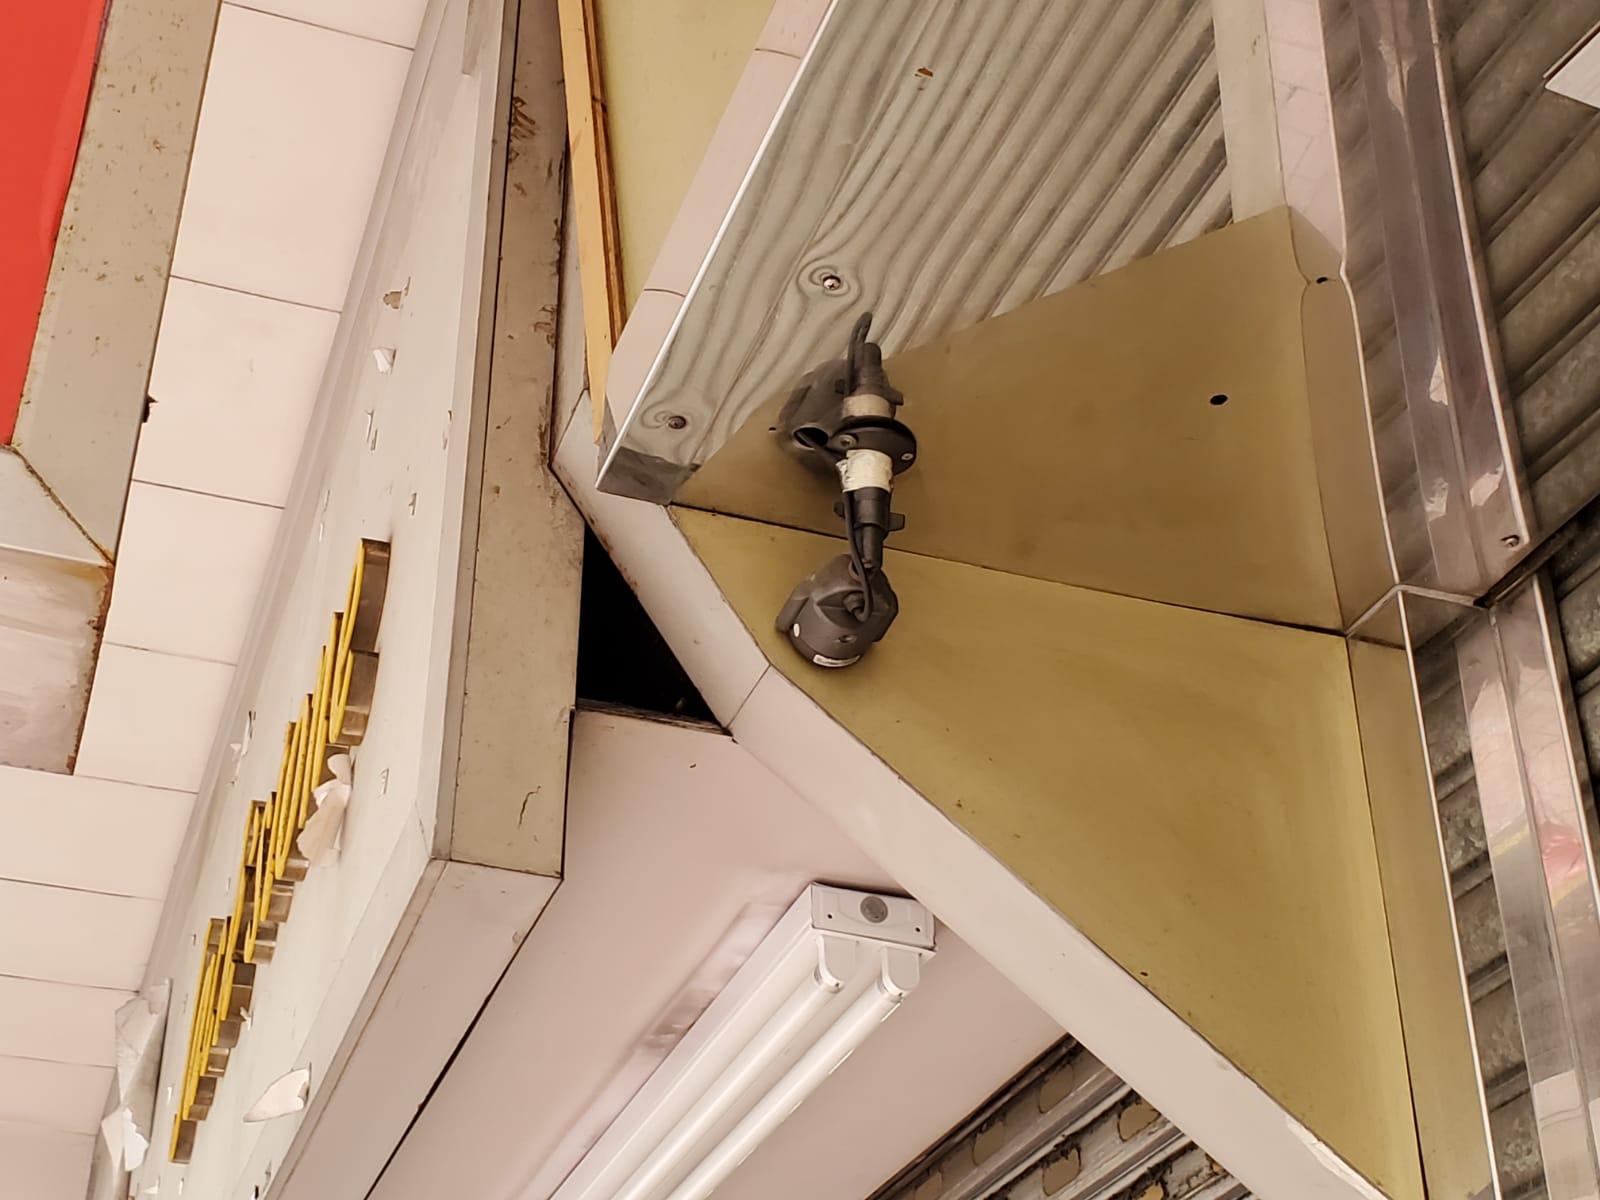 金行門外3個閉路電視鏡頭曾被賊人移動過。 林思明攝